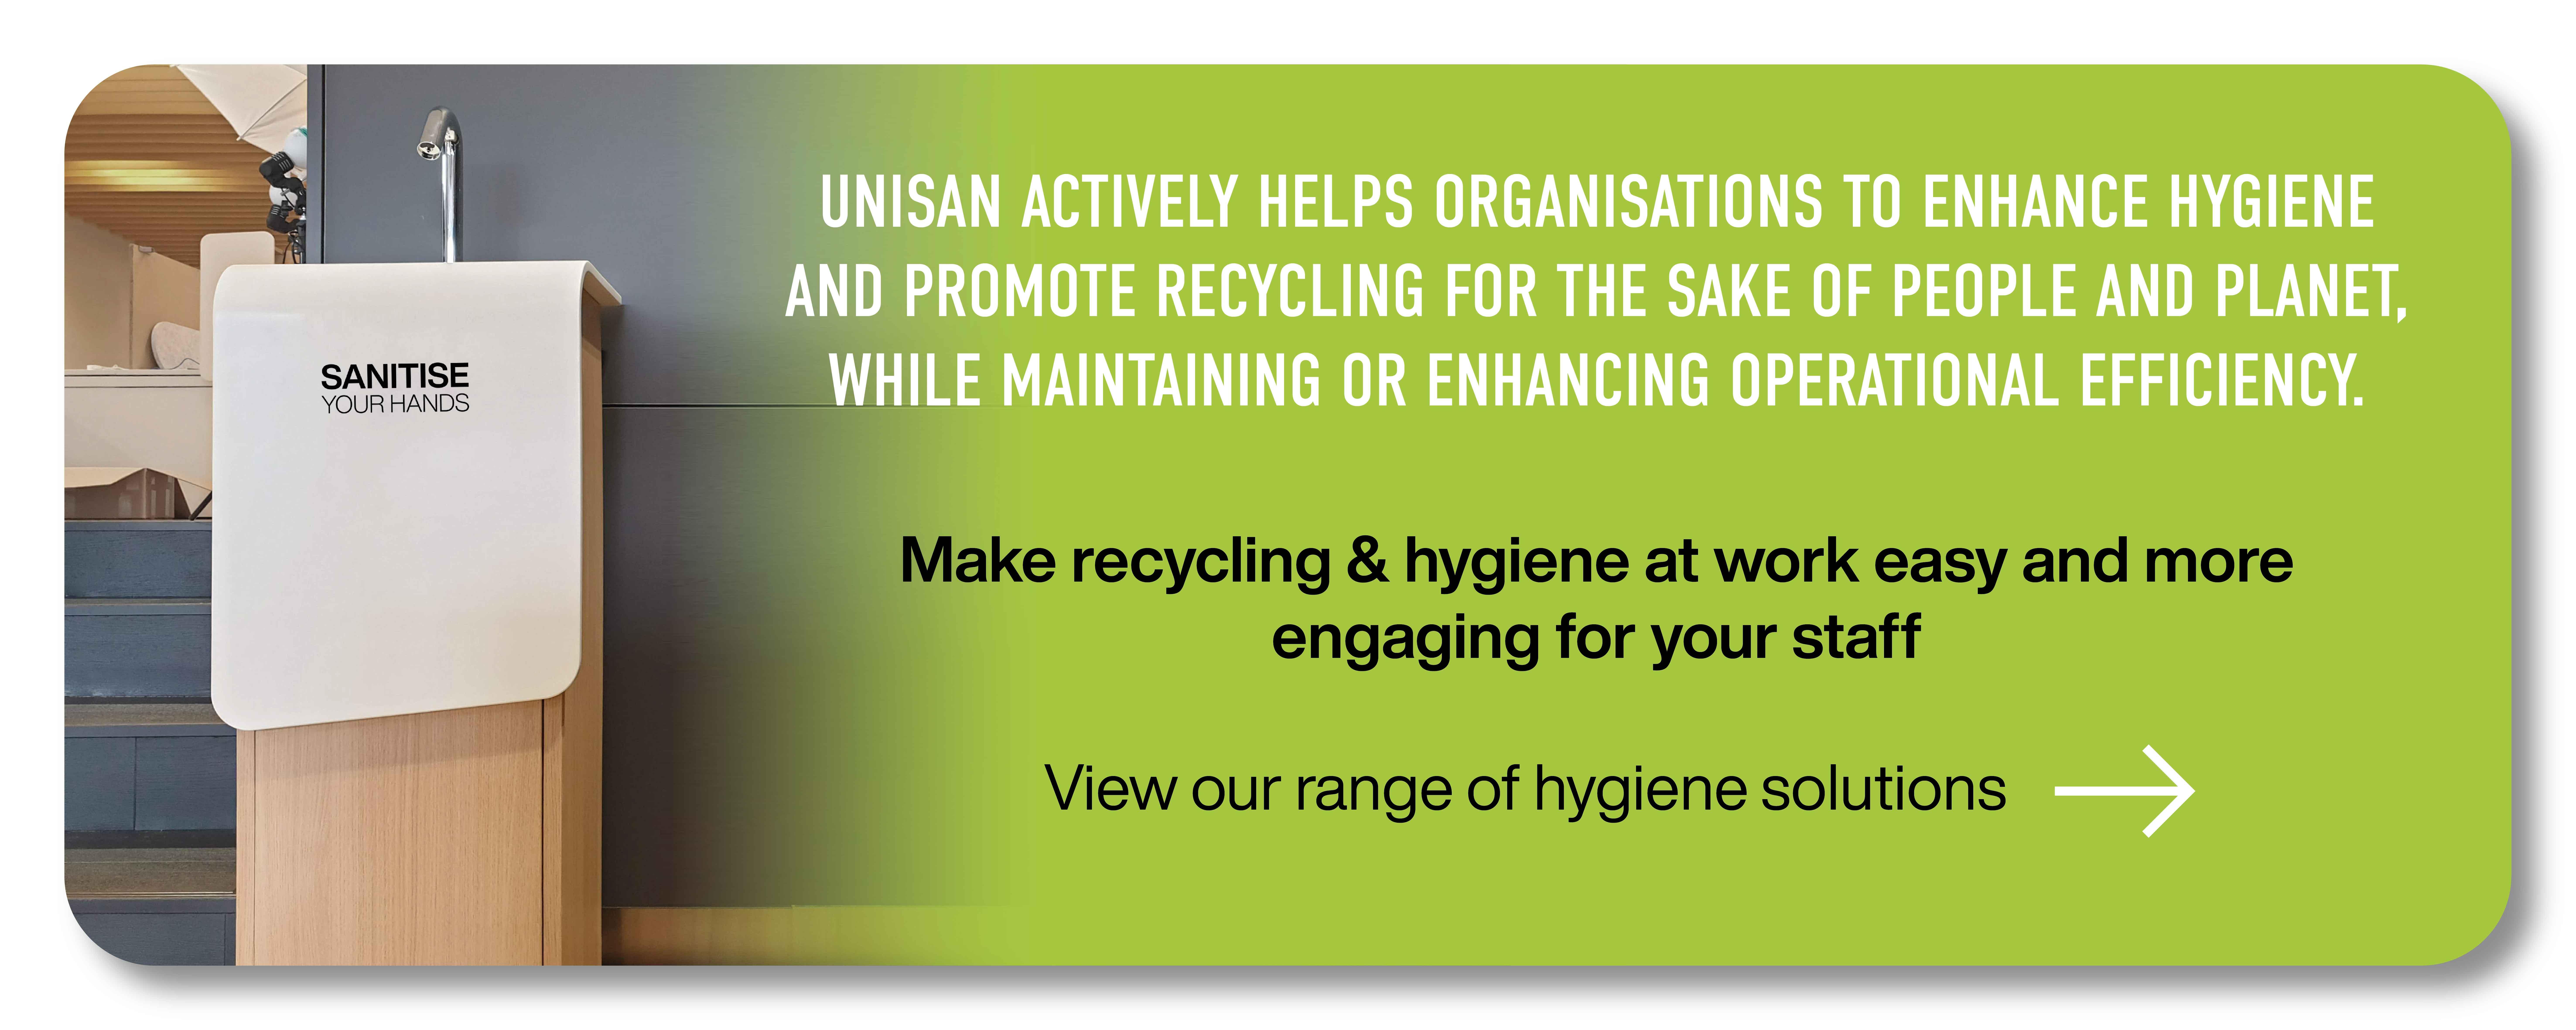 unisan sanitiser stations for hygiene